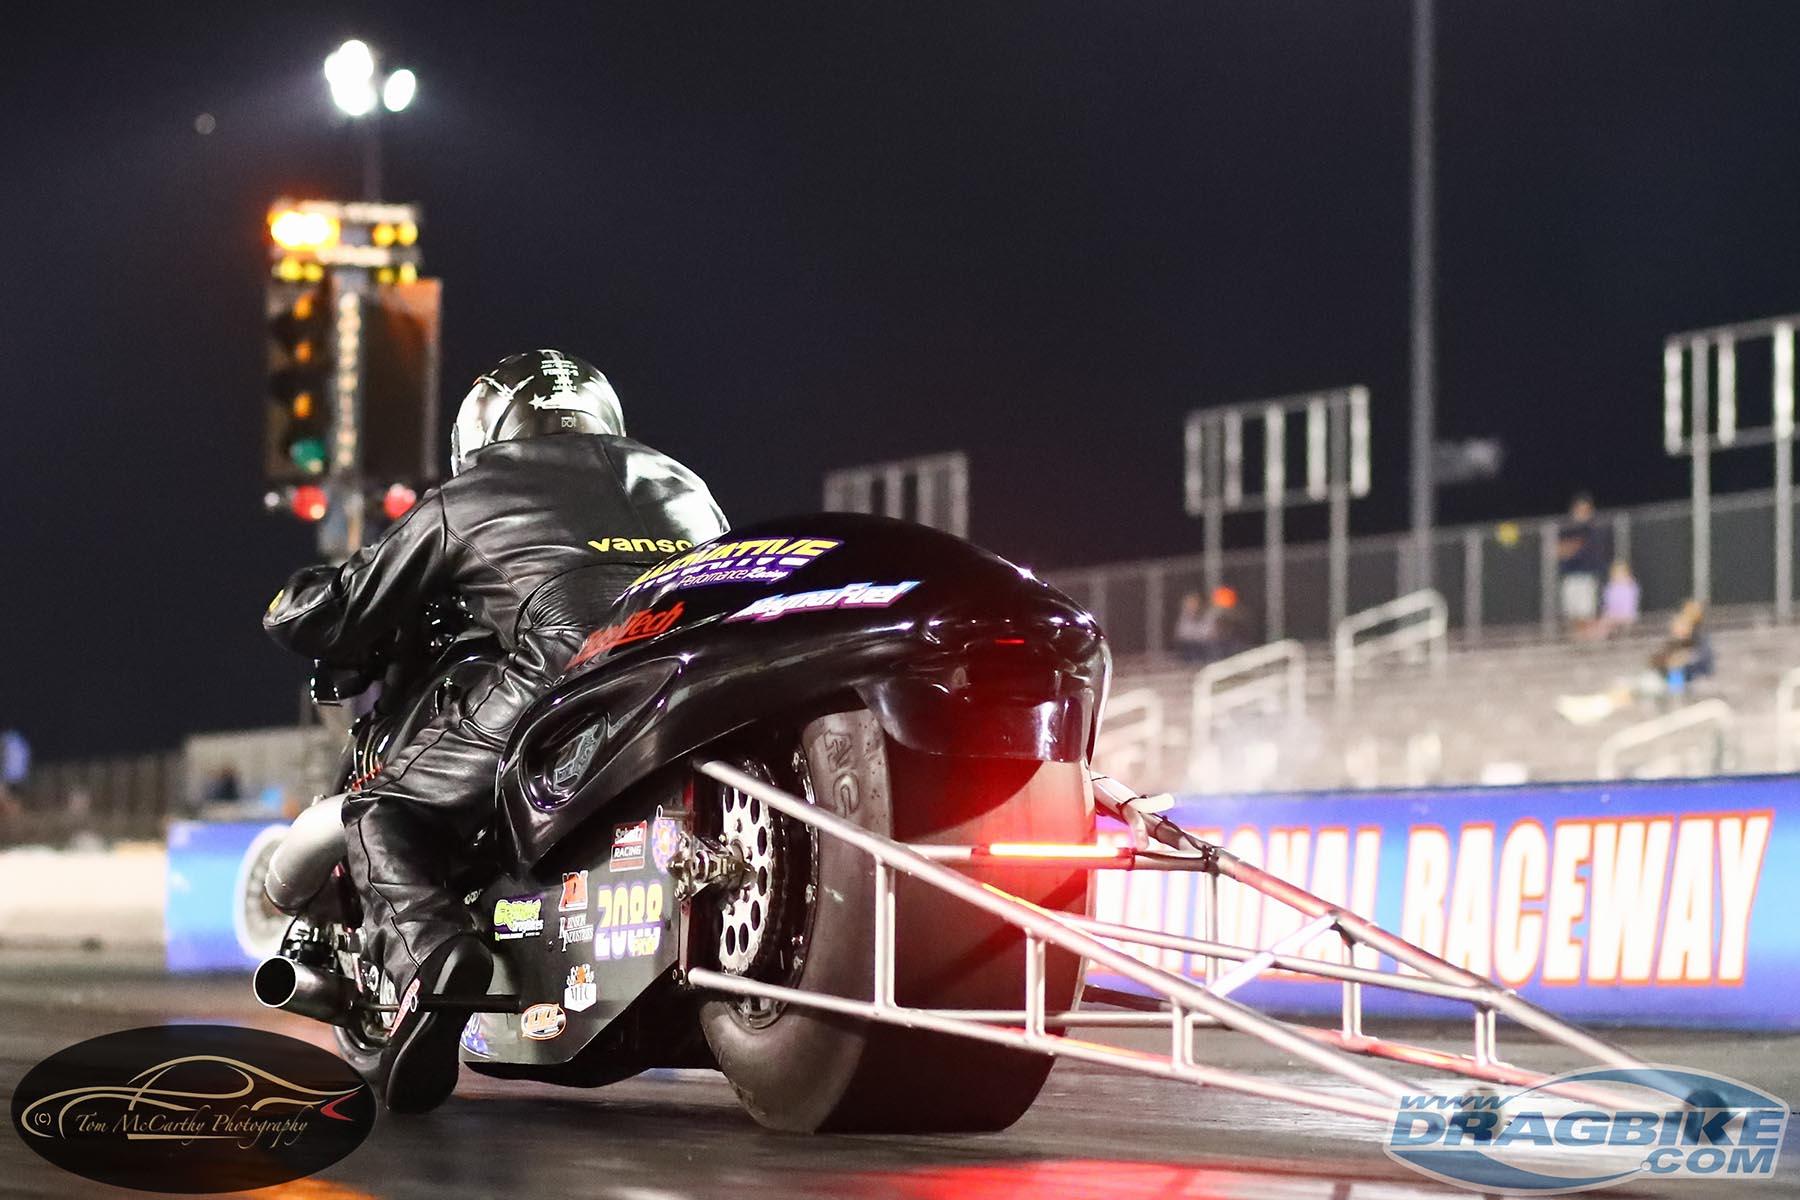 Top Fuel Motorcycle - Mike Chongris